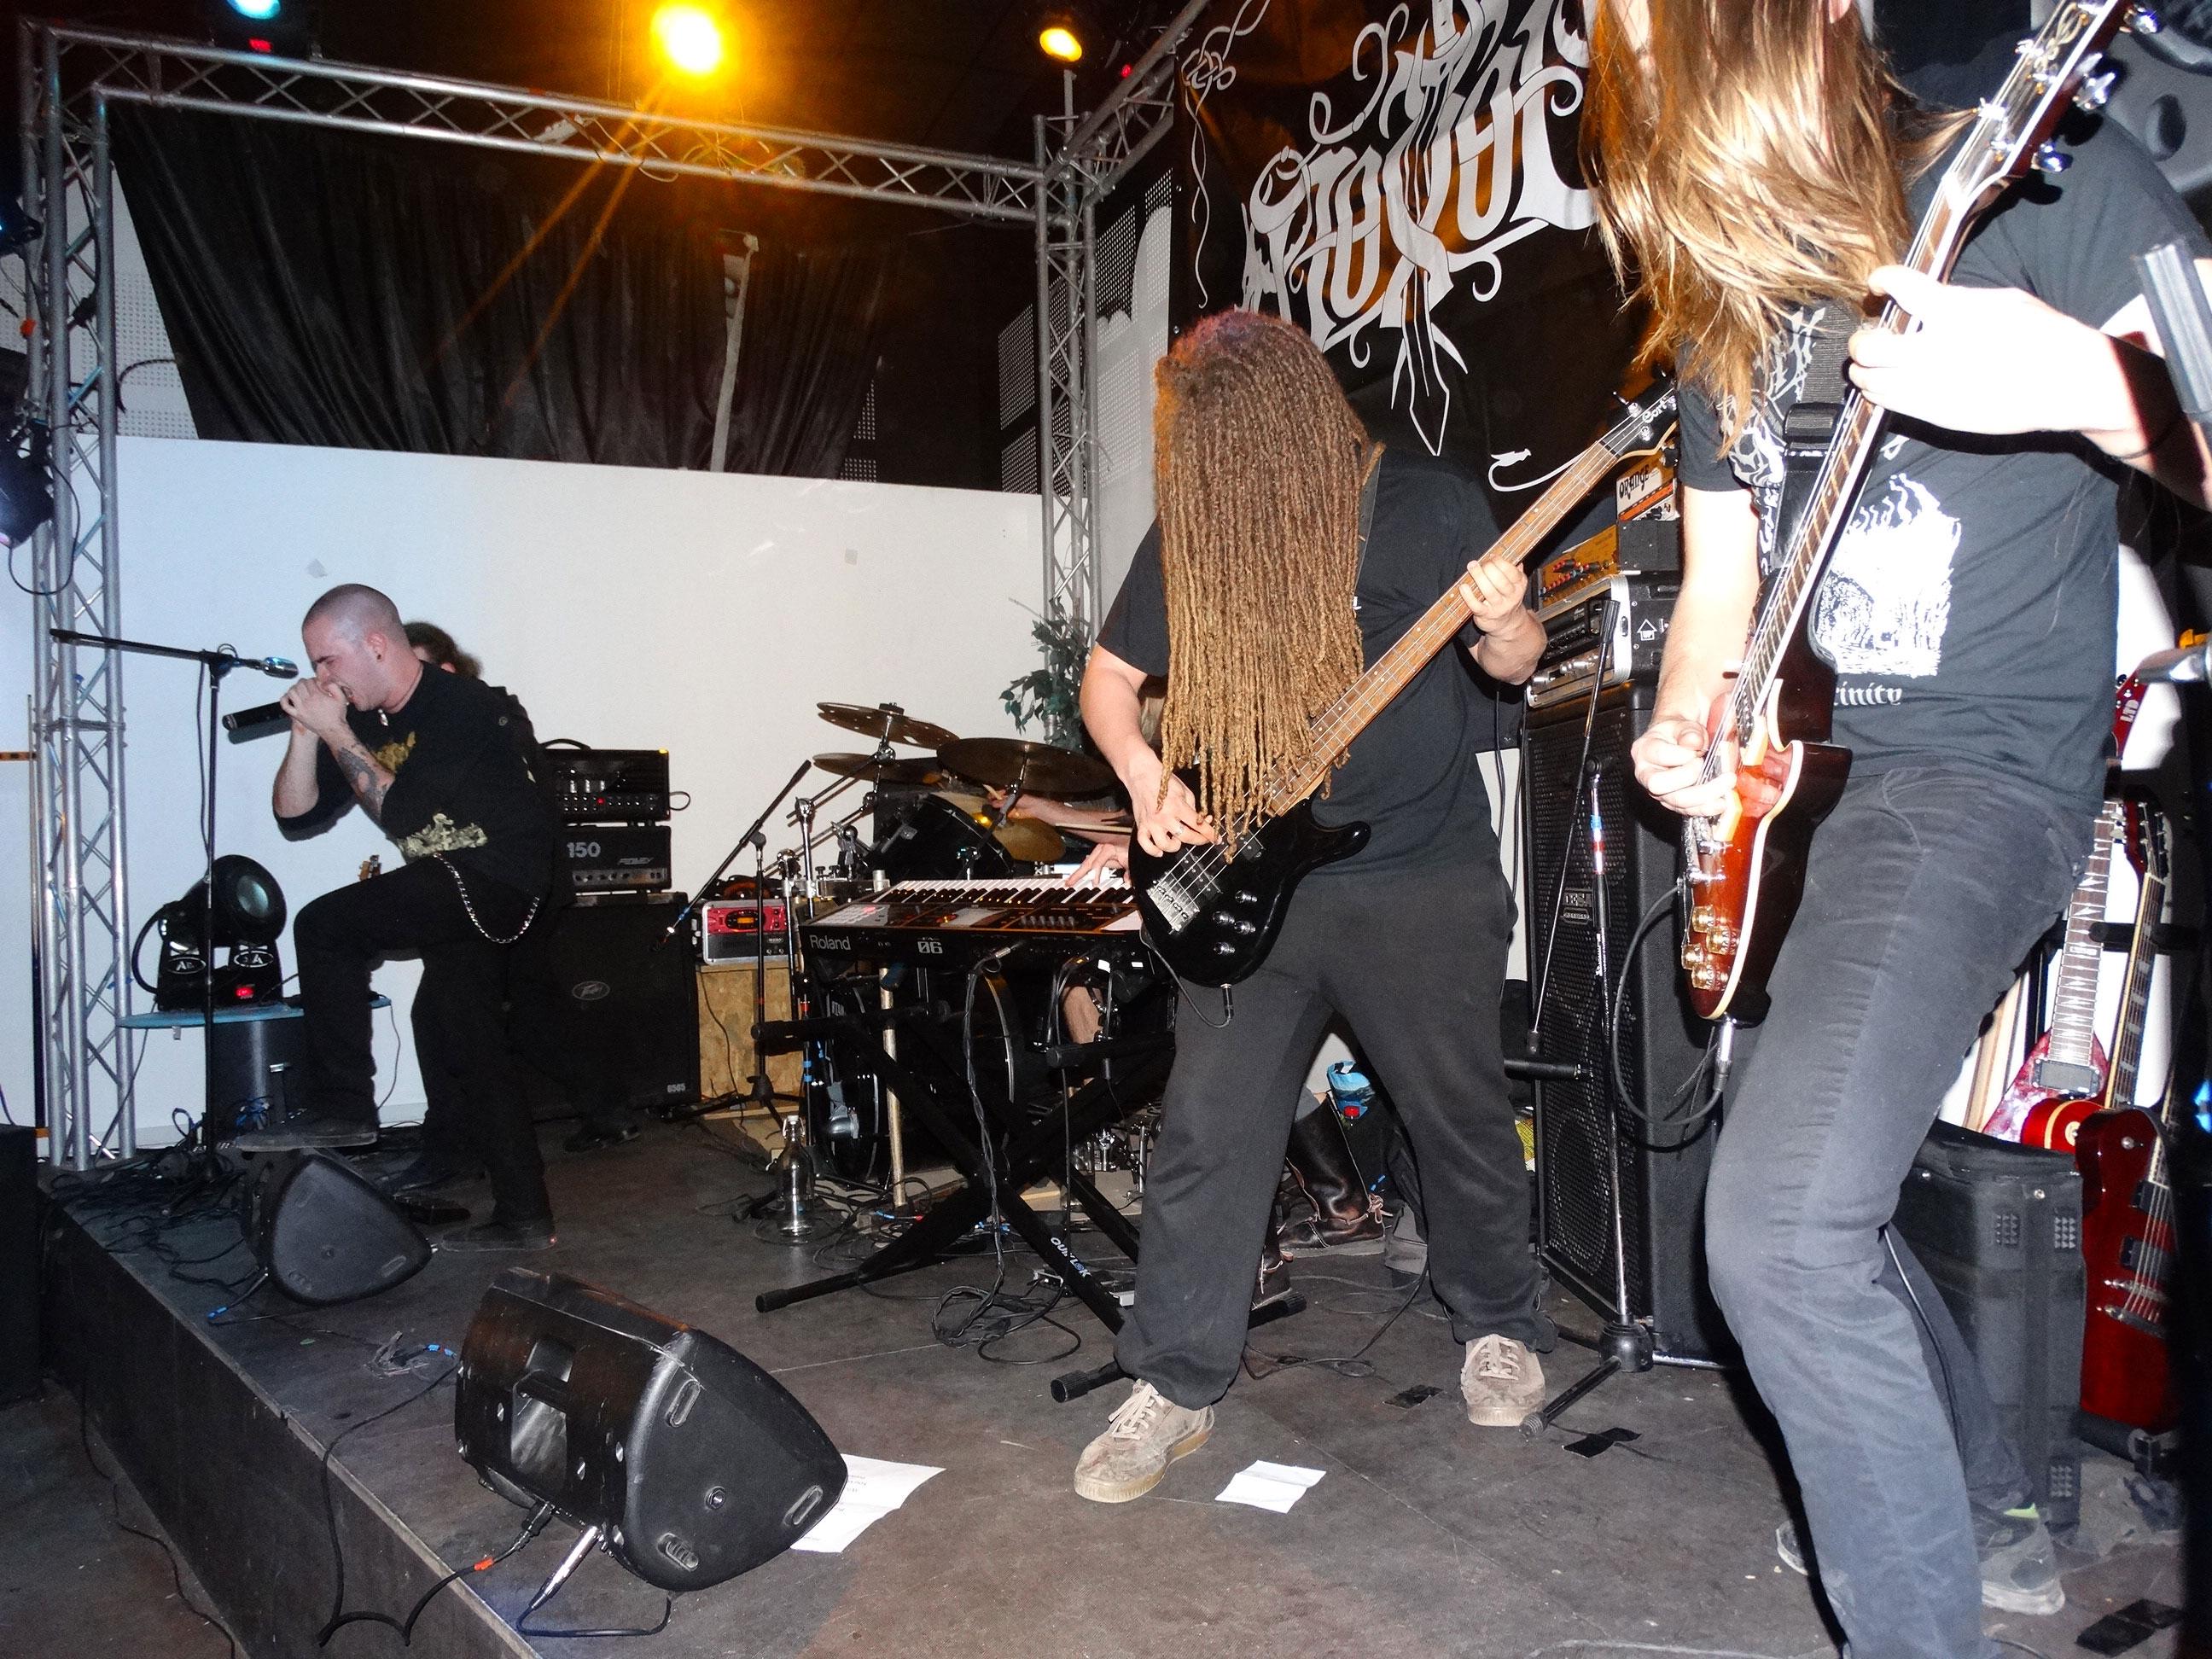 Delion - Chez Drey, Seynod, 27/02/2016